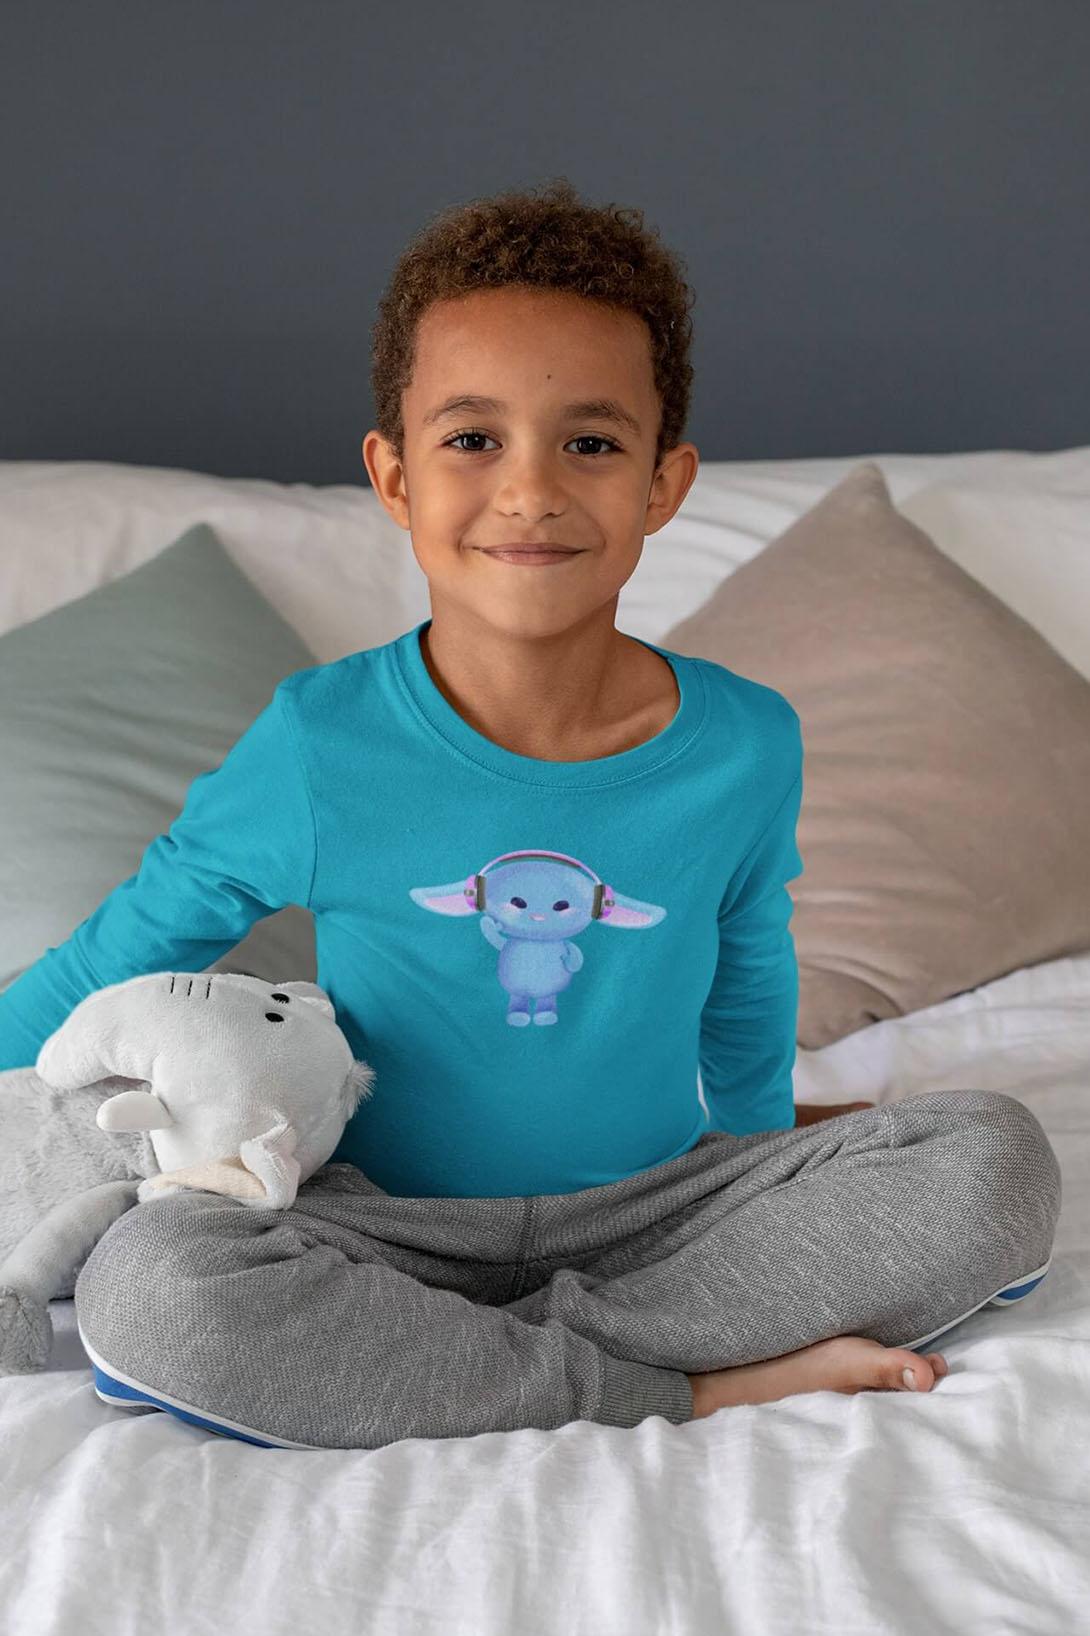 MMO Detské tričko s dlhým rukávom Zajac so slúchadlami Vyberte farbu:: Malinová, Detská veľkosť: 146/10 rokov